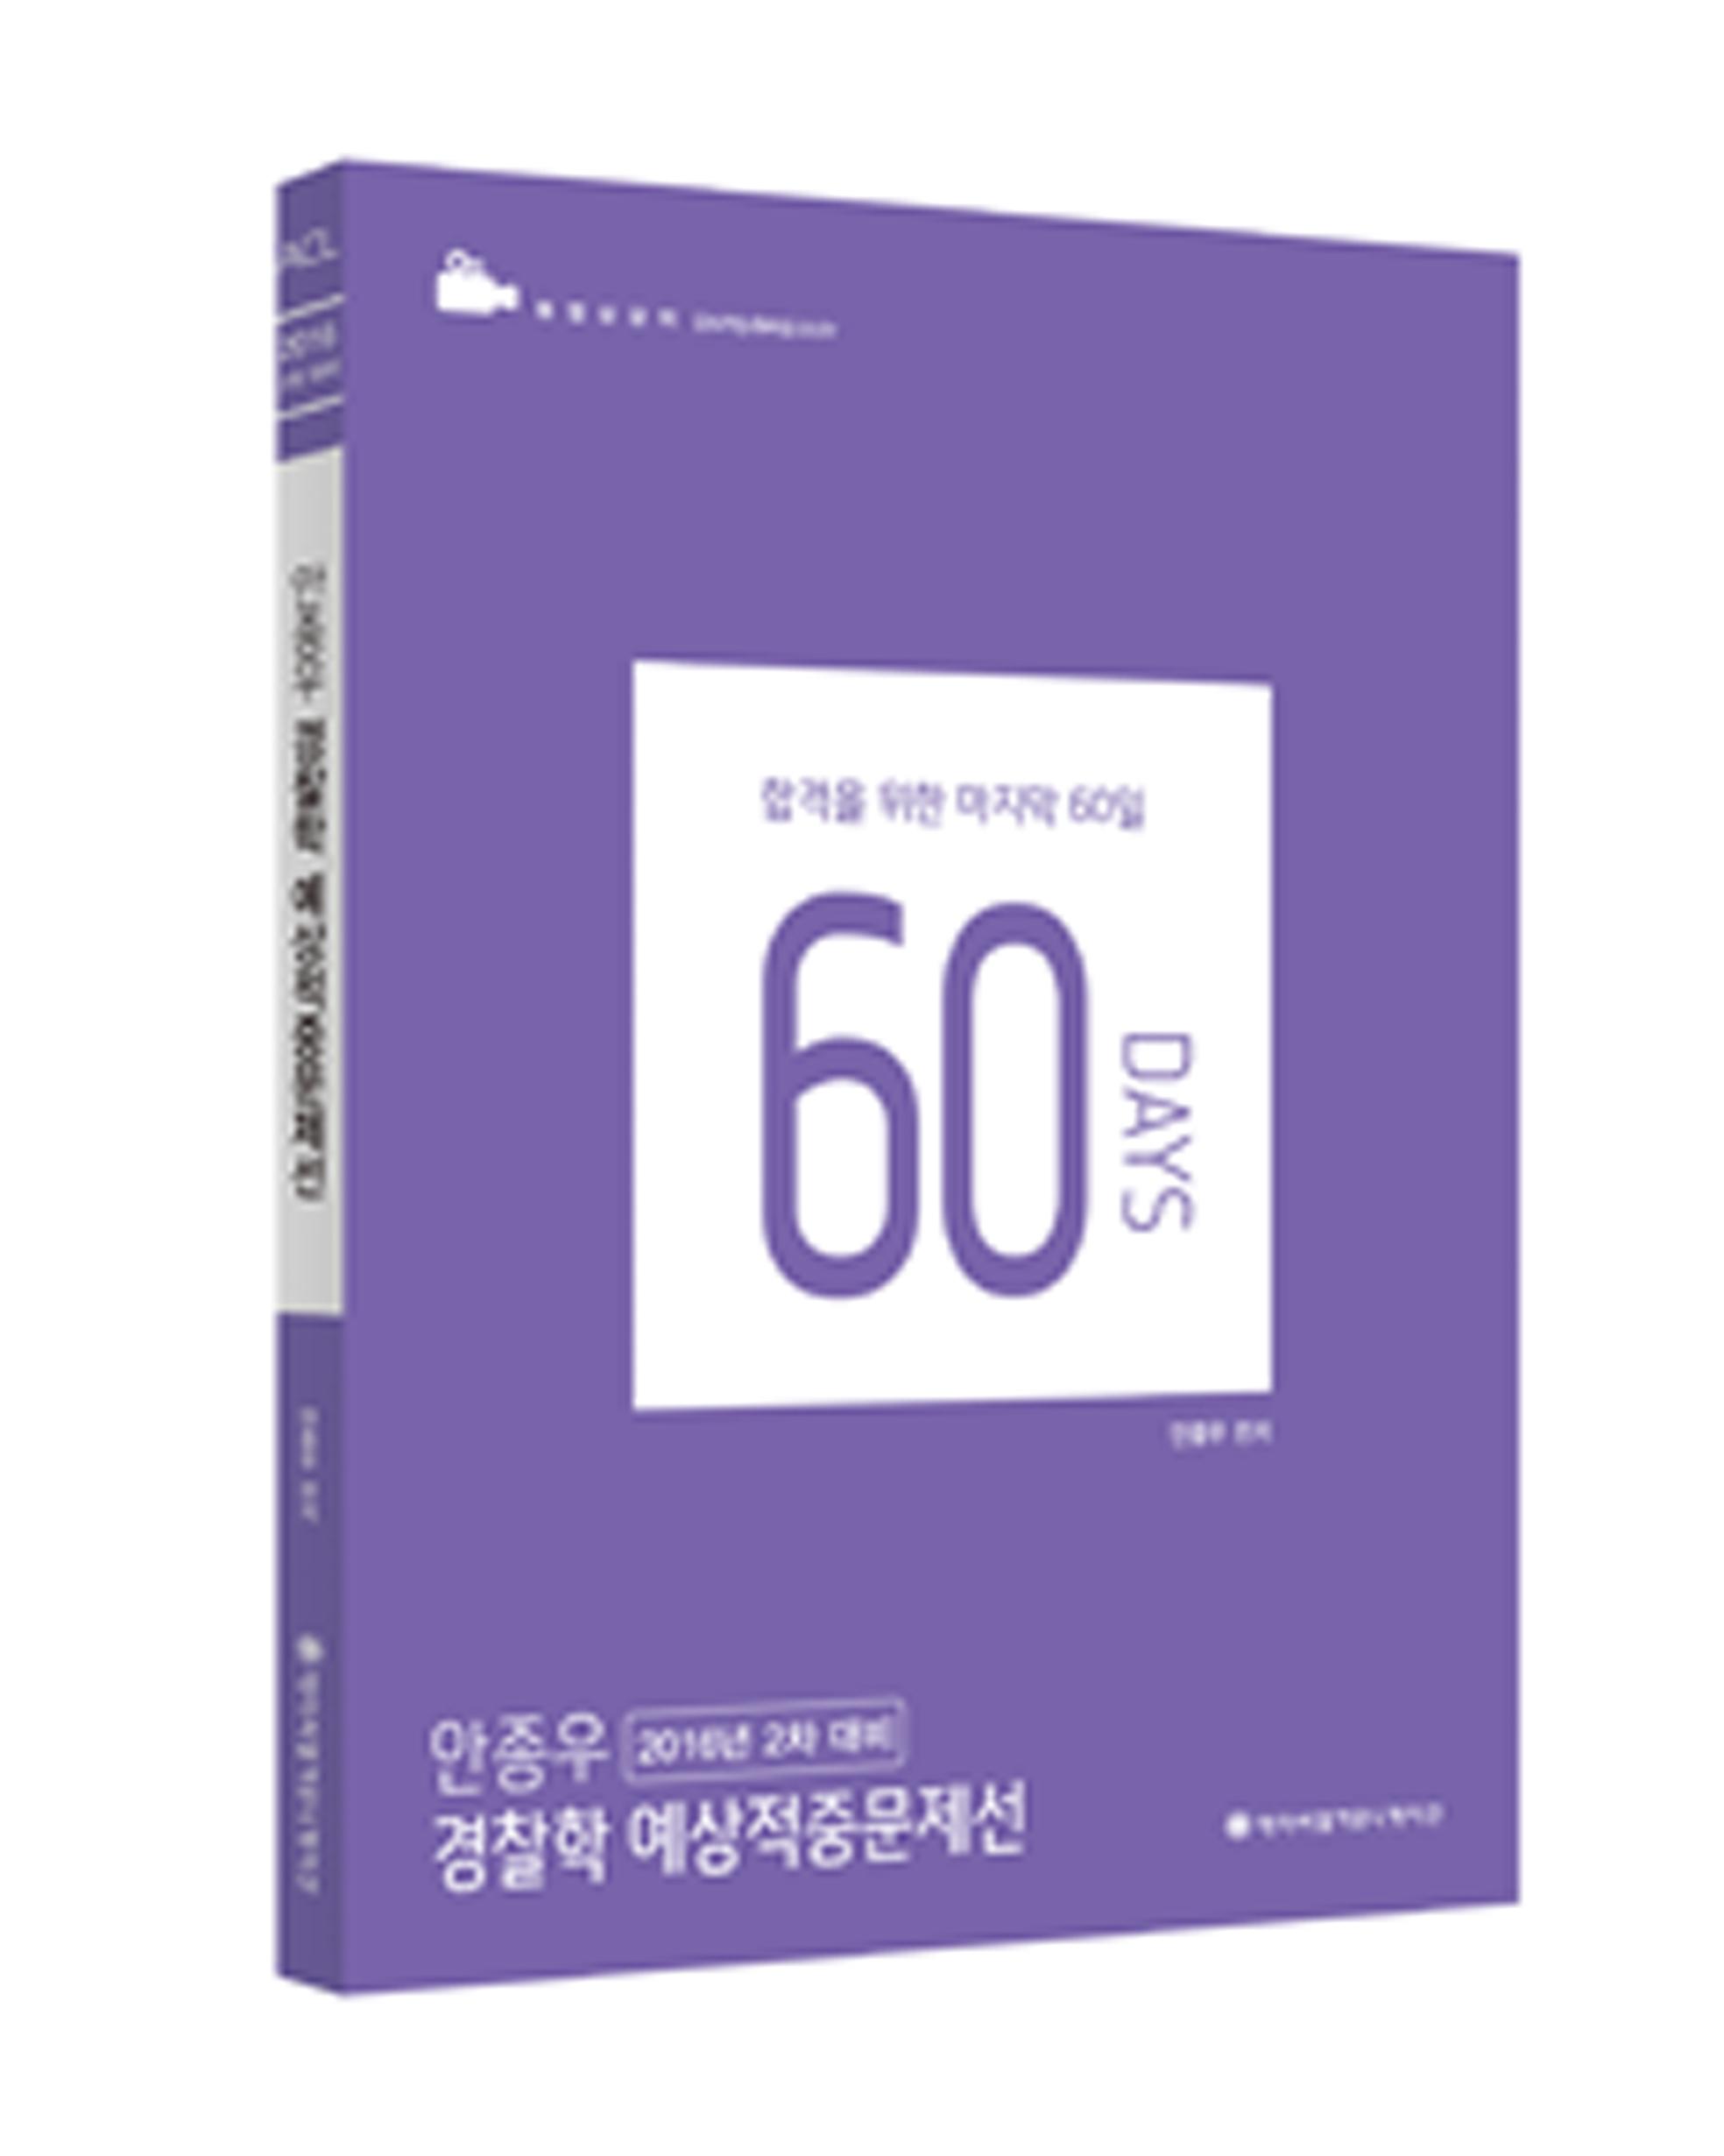 2016 2차 안종우 경찰학 예상적중 문제집